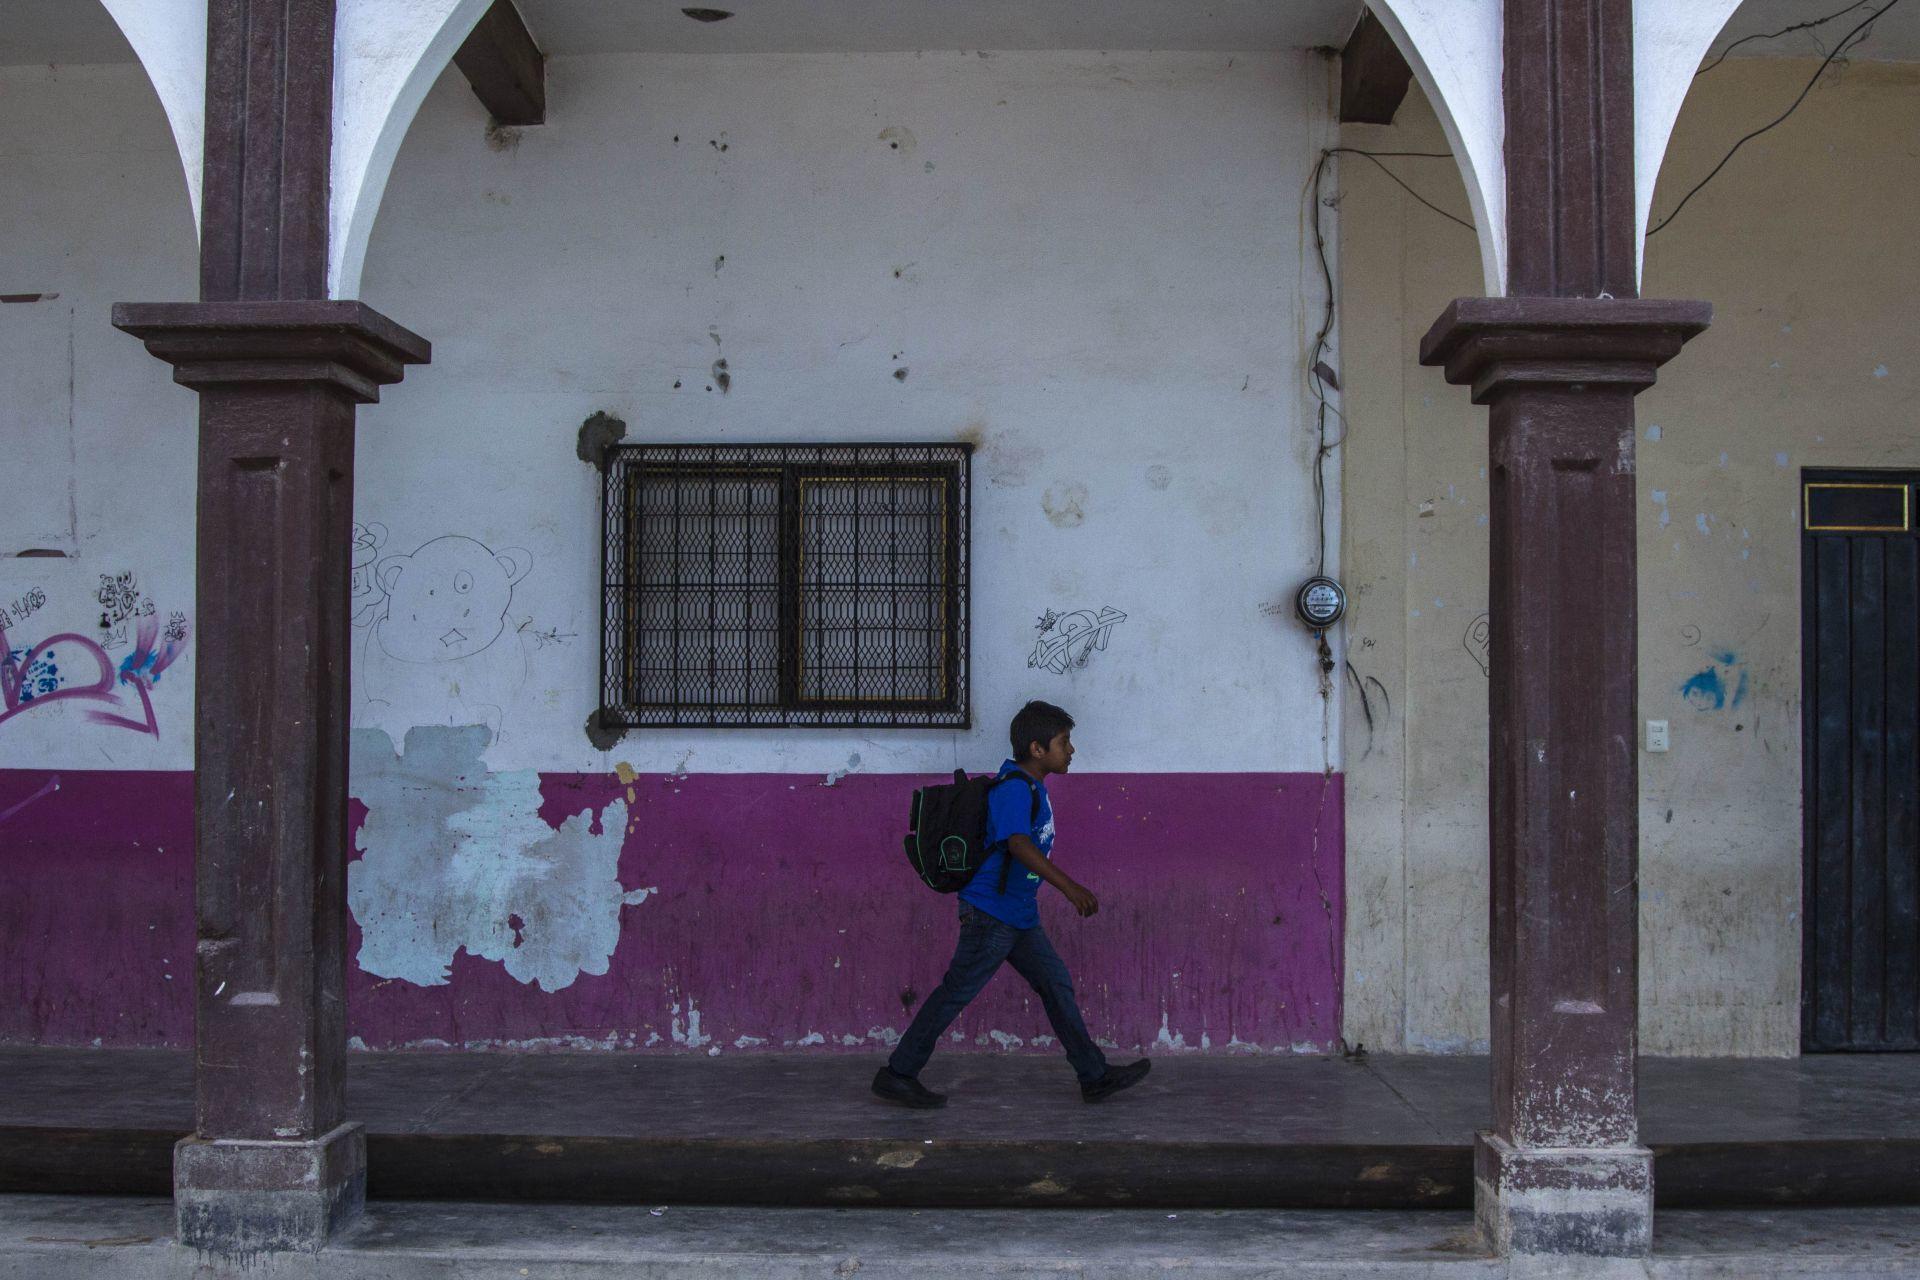 """SANTA CRUZ XITLA, OAXACA, 29AGOSTO, 2015.- La escuela primaria """"Benito Juárez Bilingüe""""  y la Escuela Secundaria Técnica 169, ubicadas a mas de dos horas de la capital del estado pertenecientes a las sección 59 del Coordinadora Nacional de Trabajadores de la Educación (CNTE), tienen carencias por el abandono de parte de la Secretaria de Educación (SEP), ya que  actualmente las aulas son costeadas por padres de familia y algunos maestros interesados en la educación de los menores. Los alumnos tuvieron que dejar las antiguas instalaciones, que se ubican a unos cien metros del nuevo plantel, cuando los padres de familia no pudieron pagar el millón de pesos que solicitó el propietario del terreno. Con una cooperación de mil pesos por niño se logró la adquisición del nuevo espacio donde los menores estudian en aulas de paredes de carrizo y techos de lámina haciéndolos muy vulnerables a las condiciones climáticas de la zona. Sin embargo, cada ciclo escolar los padres de familia en conjunto con los maestros hacen una reunión para planear la forma en que impartirán su educación. A pesar de la Reforma Educativa implementada por el Presidente Enrique Peña Nieto, que busca mejorar la educación a nivel nacional, algunos de los estados mayormente afectados son Oaxaca, Guerrero y Chiapas principalmente en las zonas de la sierra donde los recursos económicos por parte del Gobierno Federal nunca llegan para abatir este problema, además de enfrentarse a los conflictos entre la CNTE y SNTE que perjudican principalmente a los niños que solo buscan adquirir los conocimientos que forman a cada individuo en México.FOTO: ENRIQUE ORDOÑEZ /CUARTOSCURO.COM"""